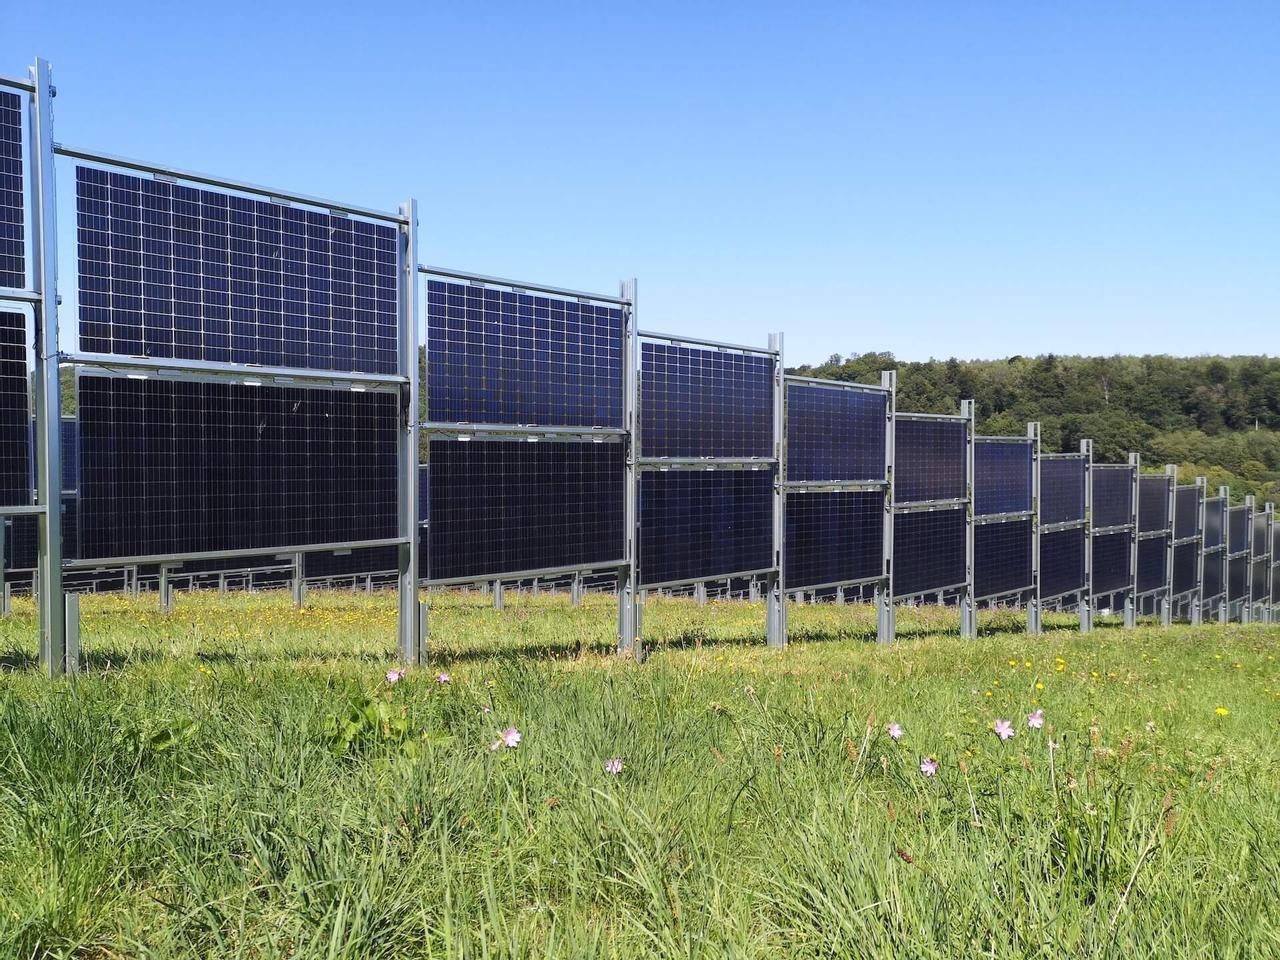 Стартап Next2Sun представил двухсторонний фотоэлектрический забор для выработки электроэнергии